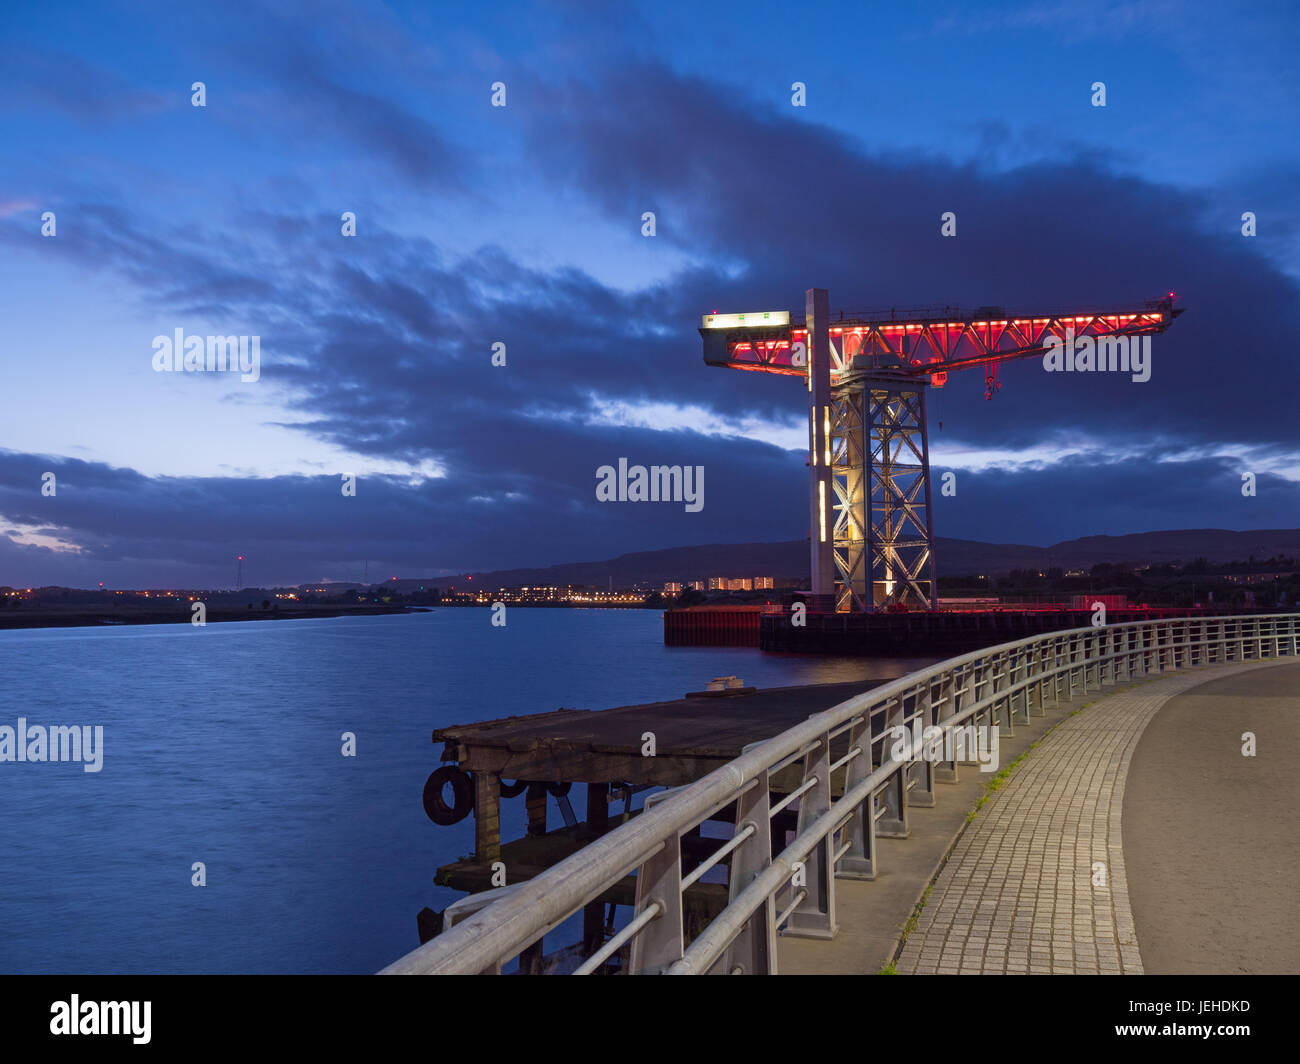 Titan crane - Clydebank - Stock Image